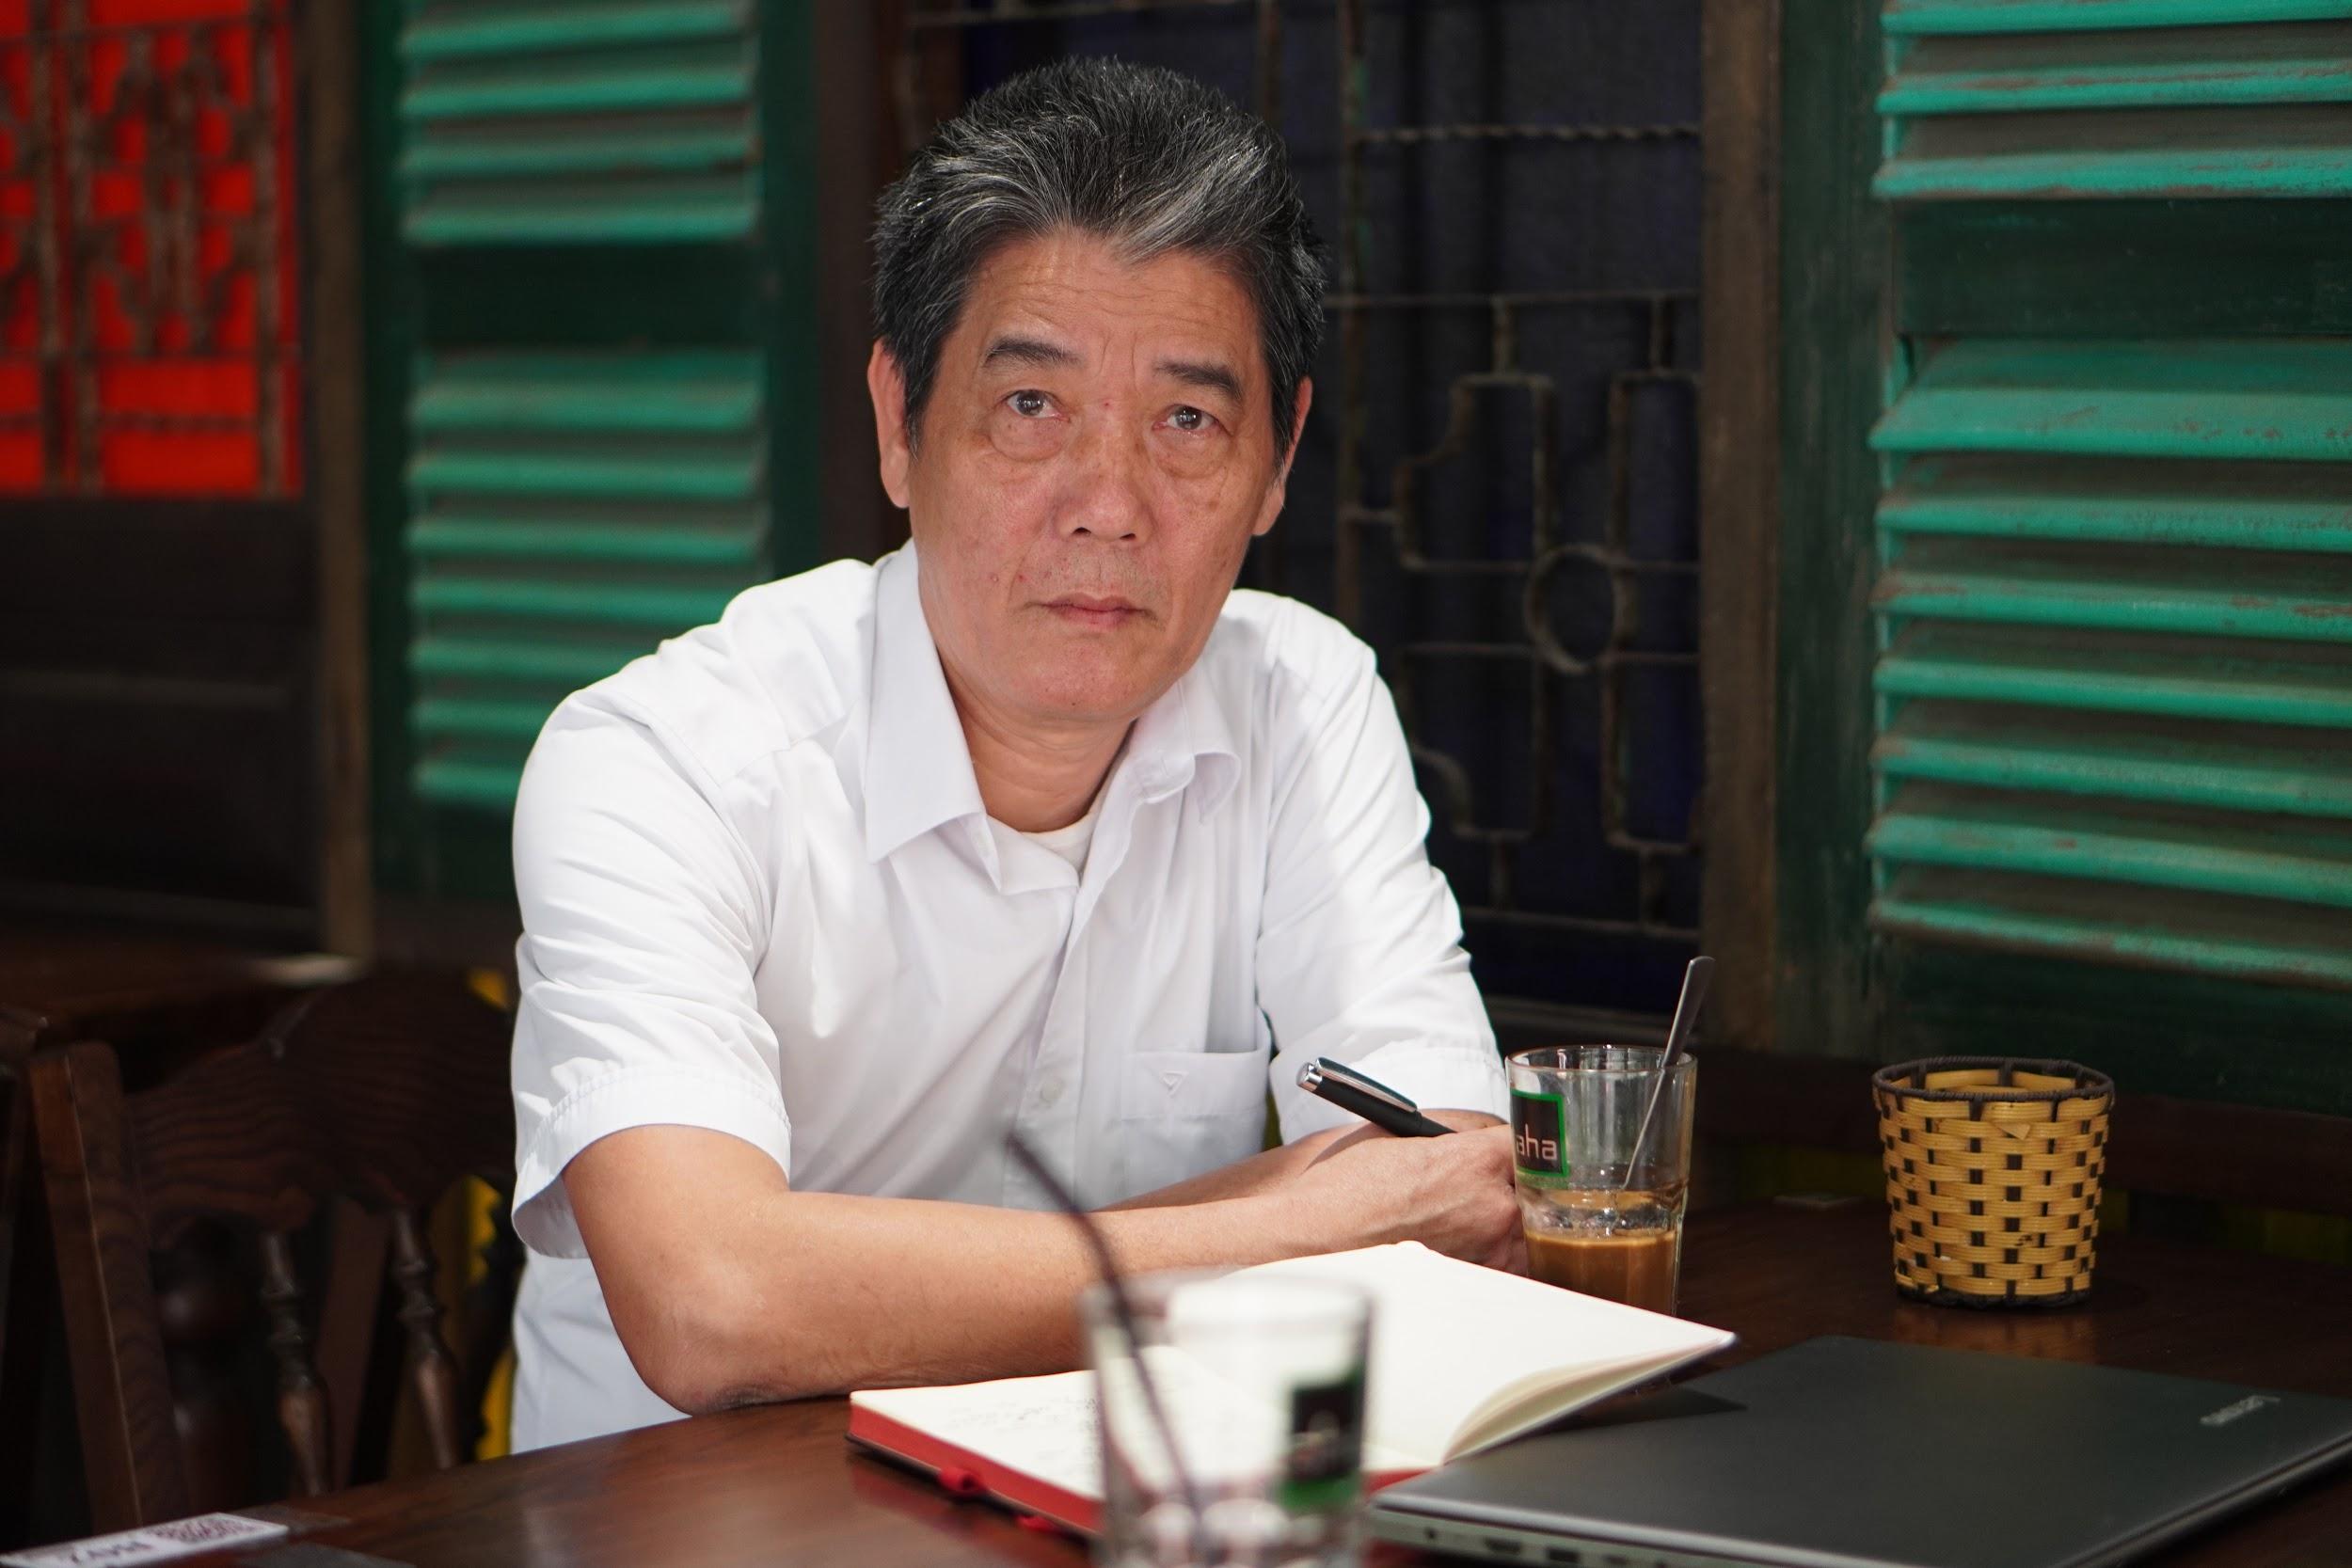 Công ty Cổ phần Thanh toán Hưng Hà mua lại banthe247.com và napthe365.com 3